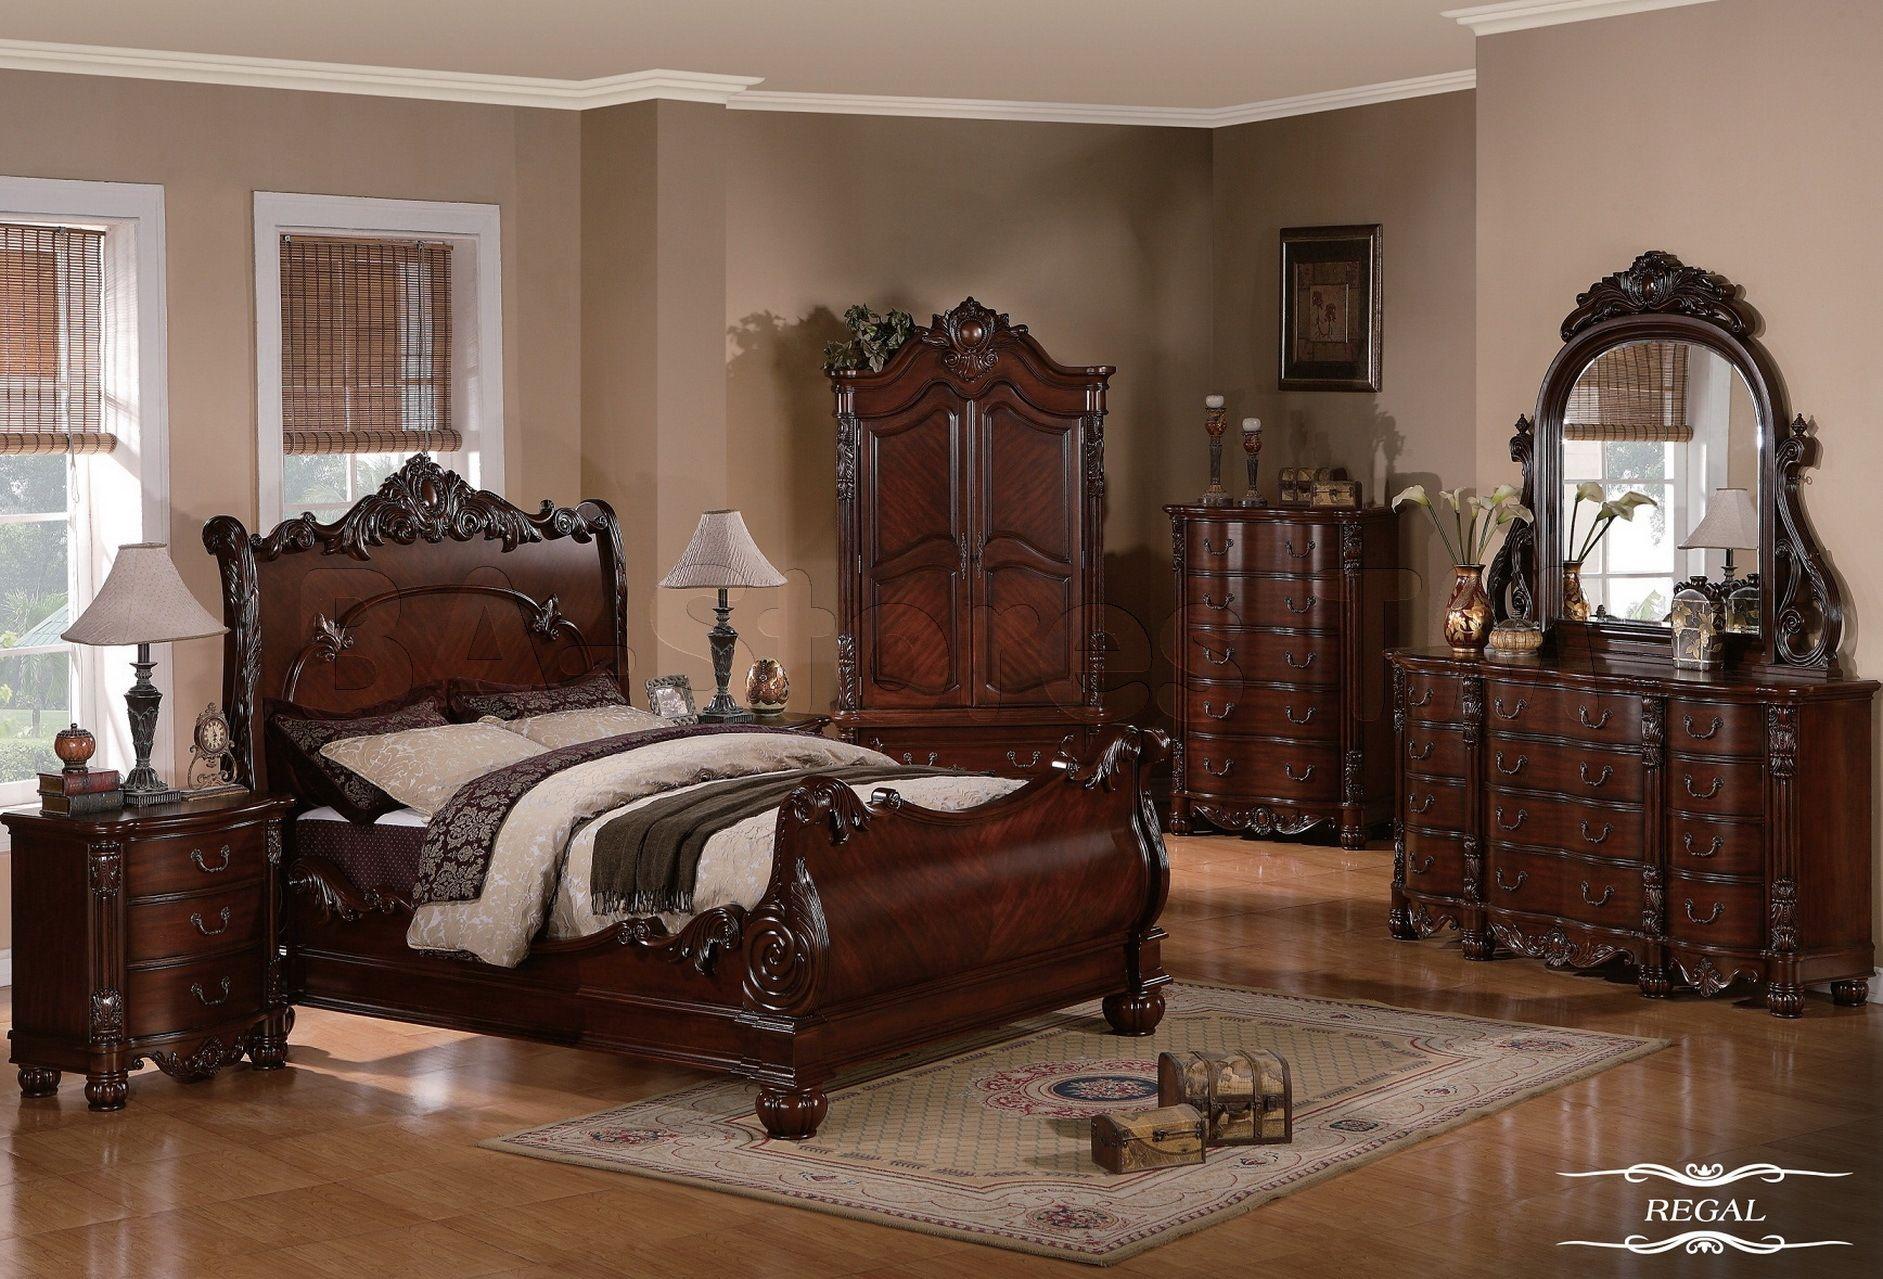 Antique Cherry Bedroom Furniture | Guest Bedroom in 2019 ...